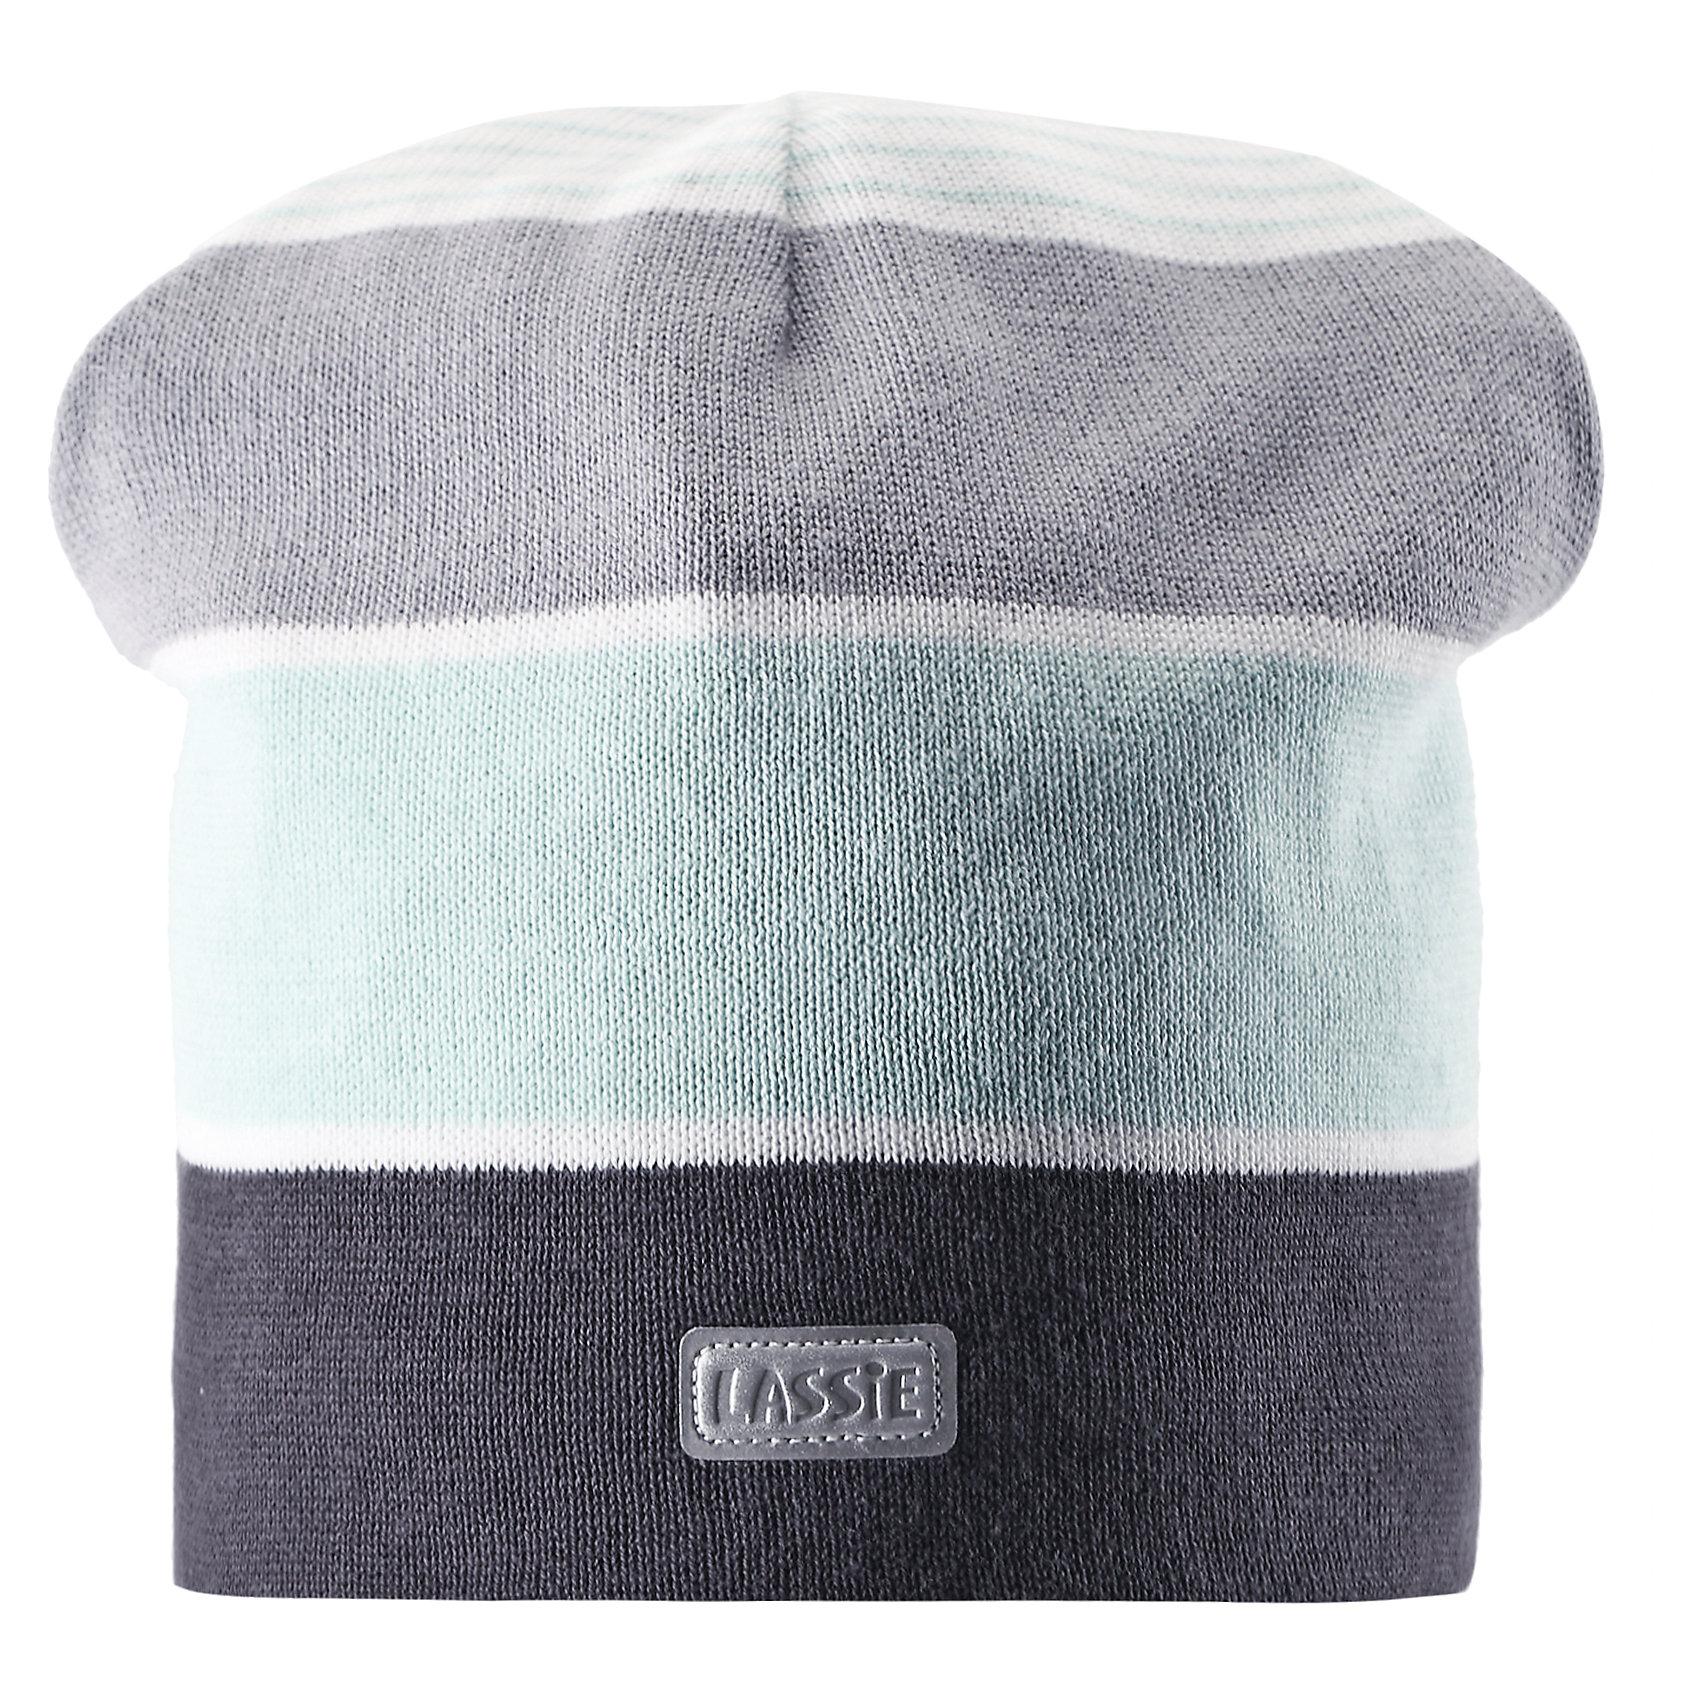 Шапка  LASSIE by ReimaШапка для мальчика от известной компании LASSIE by Reima<br><br>Модная теплая шапка - отличная вещь для прогулок и активного отдыха. Она стильно смотрится и хорошо сидит.<br><br>Необычная форма выделяет дизайн изделия - такую вещь дети будут носить с удовольствием!<br><br>Особенности модели:<br><br>- цвет: серый;<br>- приятный материал;<br>- натуральный хлопок;<br>- стильный дизайн;<br>- ветронепроницаемые вставки для защиты ушей;<br>- светоотражающая нашивка;<br>- глубокая посадка.<br><br>Дополнительная информация:<br><br>Температурный режим: от -10° до +10° С<br><br>Состав: 100% хлопок<br><br>Шапку для мальчика от известной компании LASSIE by Reima (Лэсси Рейма) можно купить в нашем магазине.<br><br>Ширина мм: 89<br>Глубина мм: 117<br>Высота мм: 44<br>Вес г: 155<br>Цвет: серый<br>Возраст от месяцев: 36<br>Возраст до месяцев: 60<br>Пол: Унисекс<br>Возраст: Детский<br>Размер: 50-52,46-48,54-56<br>SKU: 4555406